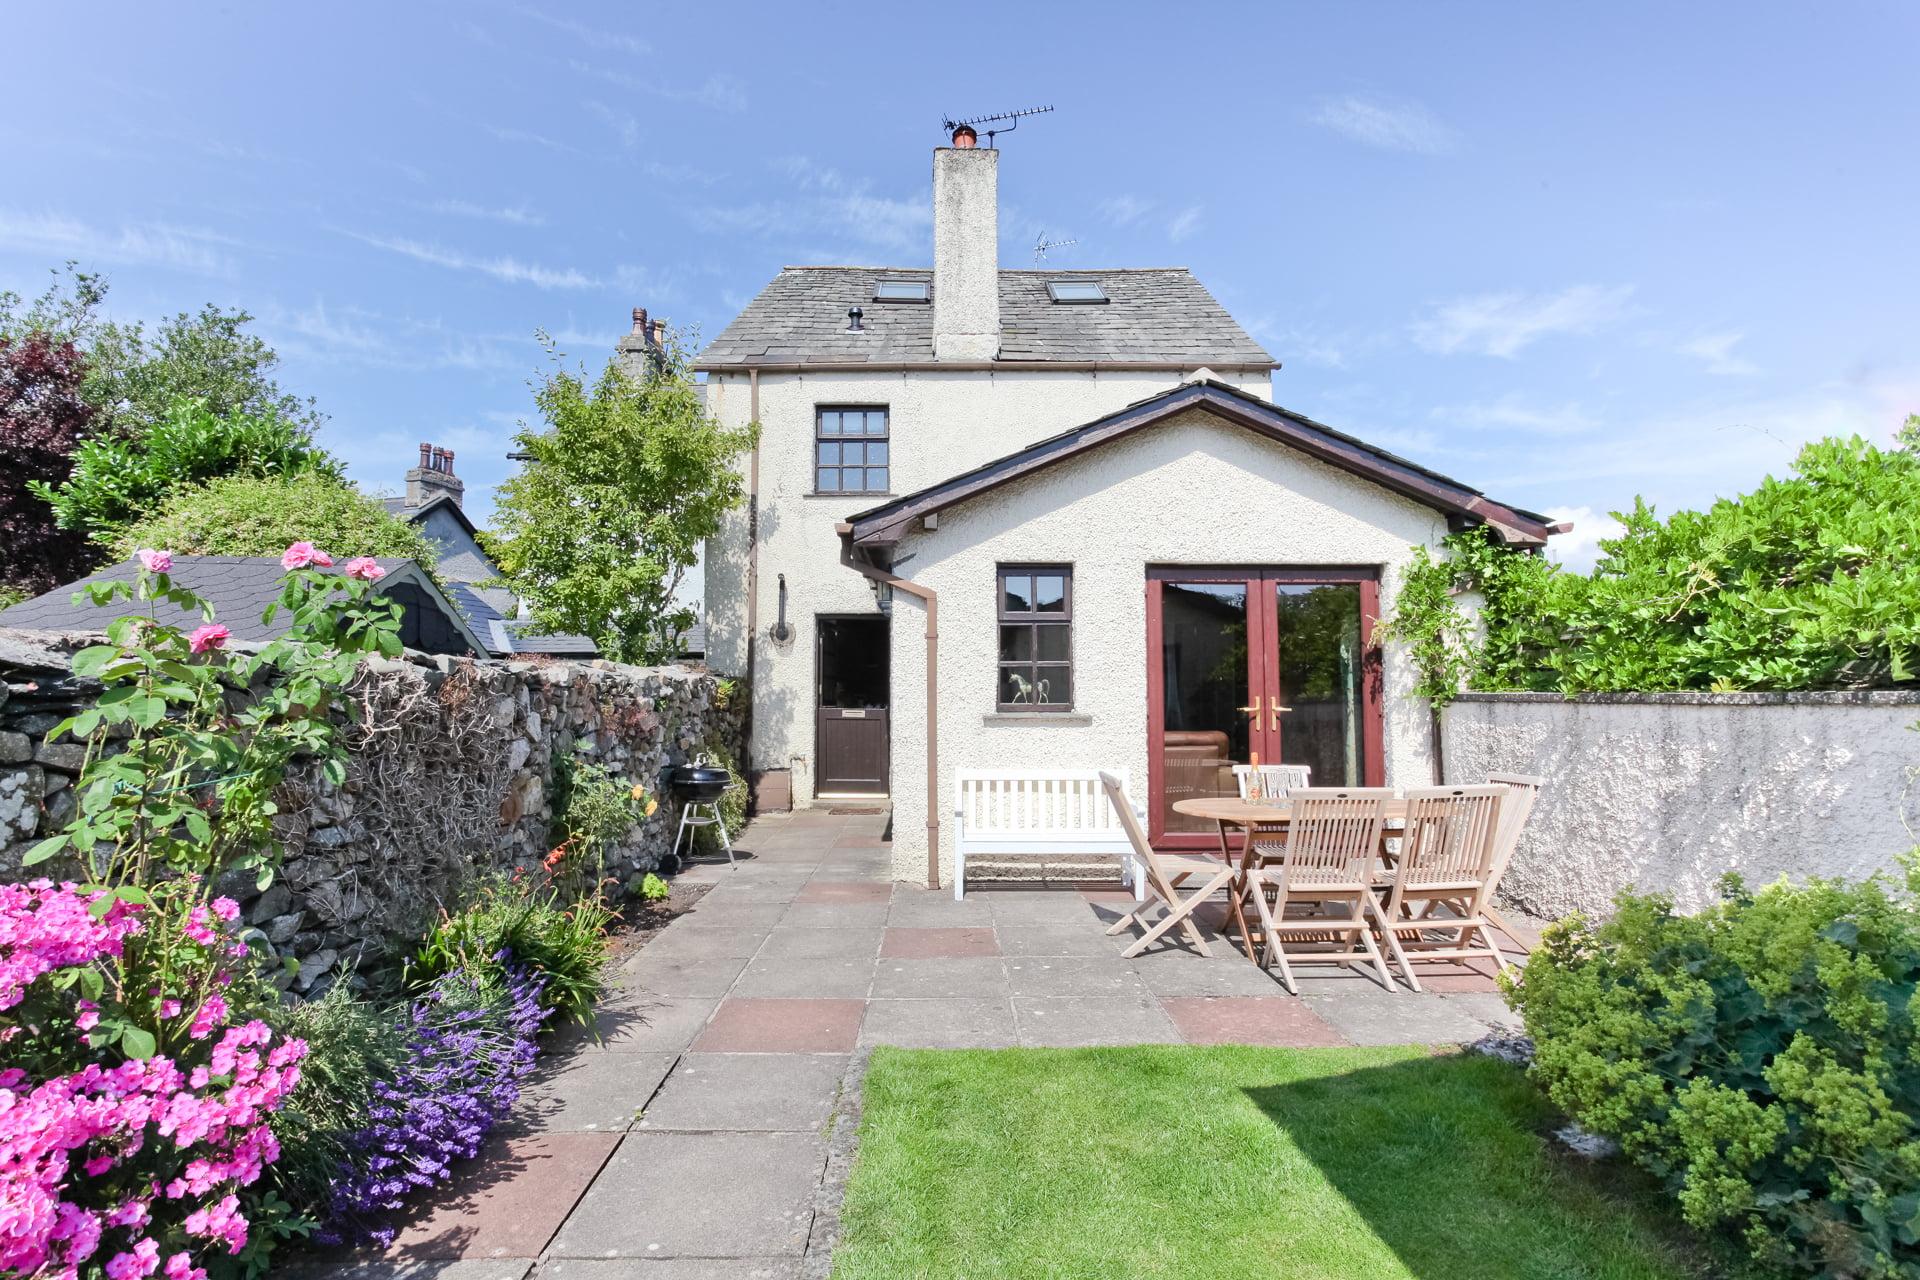 Bridgelands Cottage in summer 2021